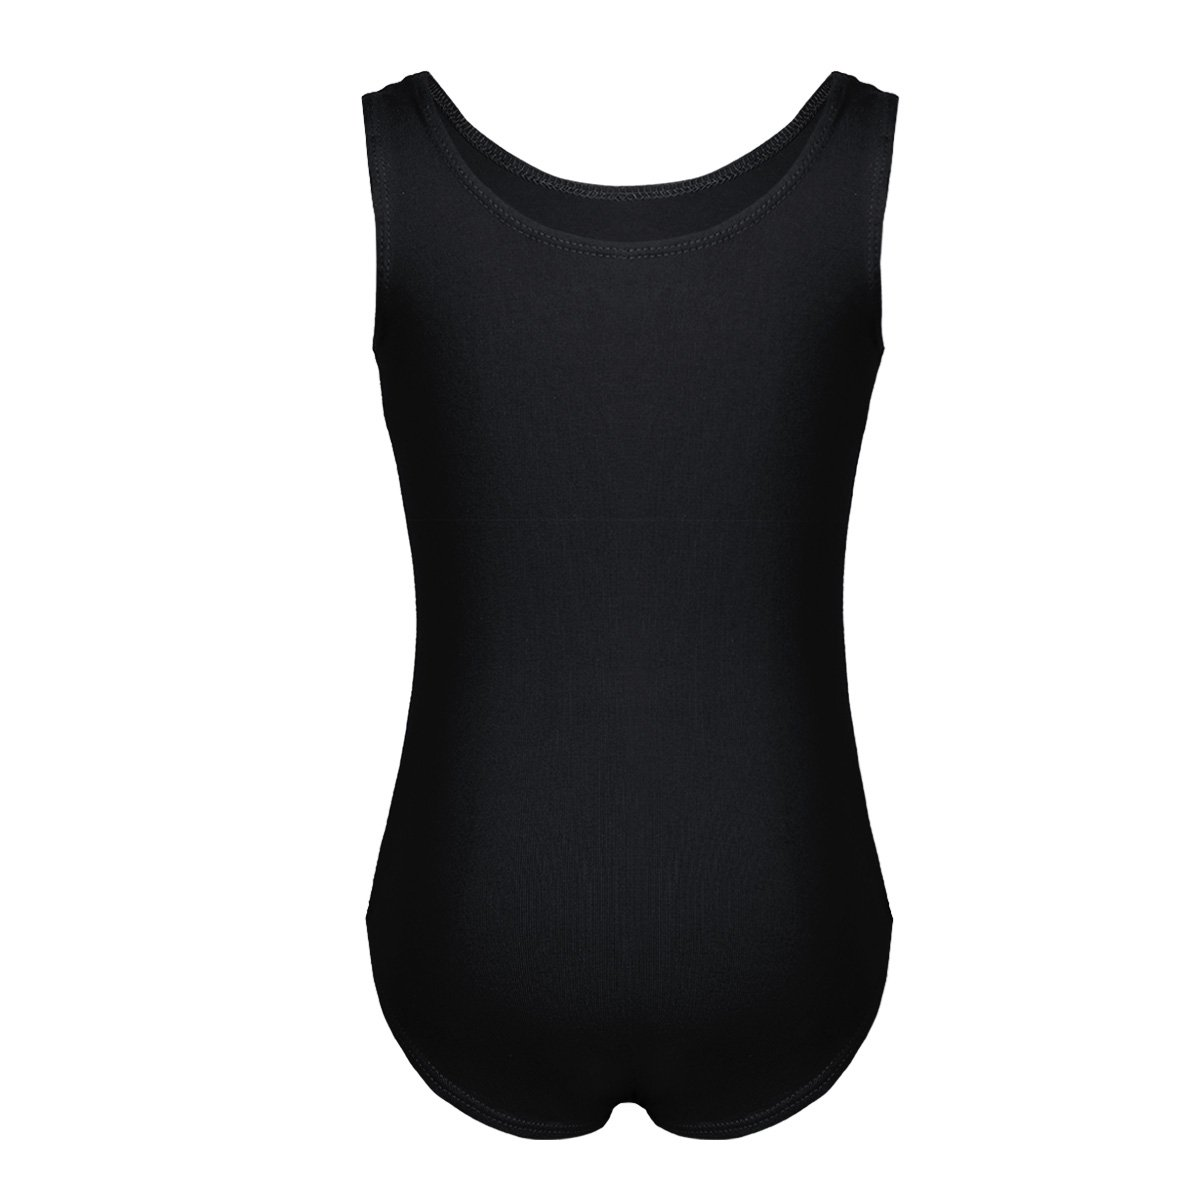 安い購入 MSemis ブラック SOCKSHOSIERY B07GQ8XYKC ガールズ B07GQ8XYKC 7/ 8|ブラック MSemis ブラック 43654, 三根町:0eeeb167 --- woxpedia.com